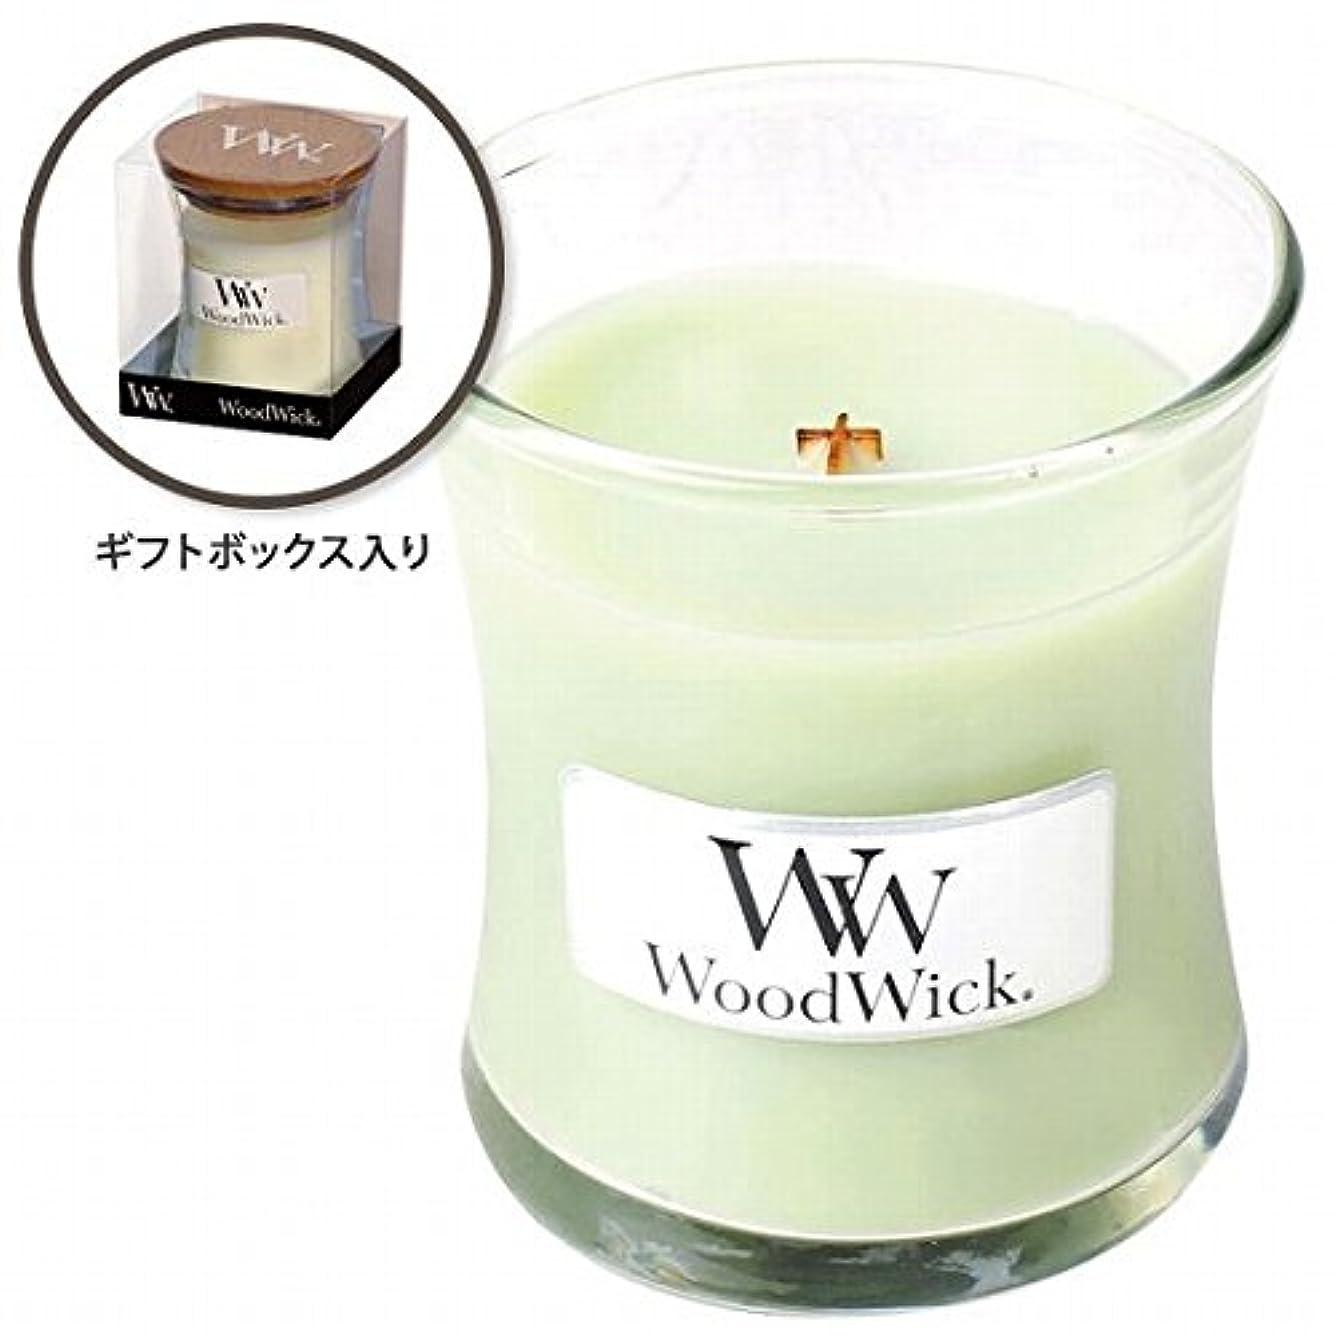 ギャラリー雄弁消費者WoodWick(ウッドウィック) Wood WickジャーS 「ライムジェラート」(W9000561)